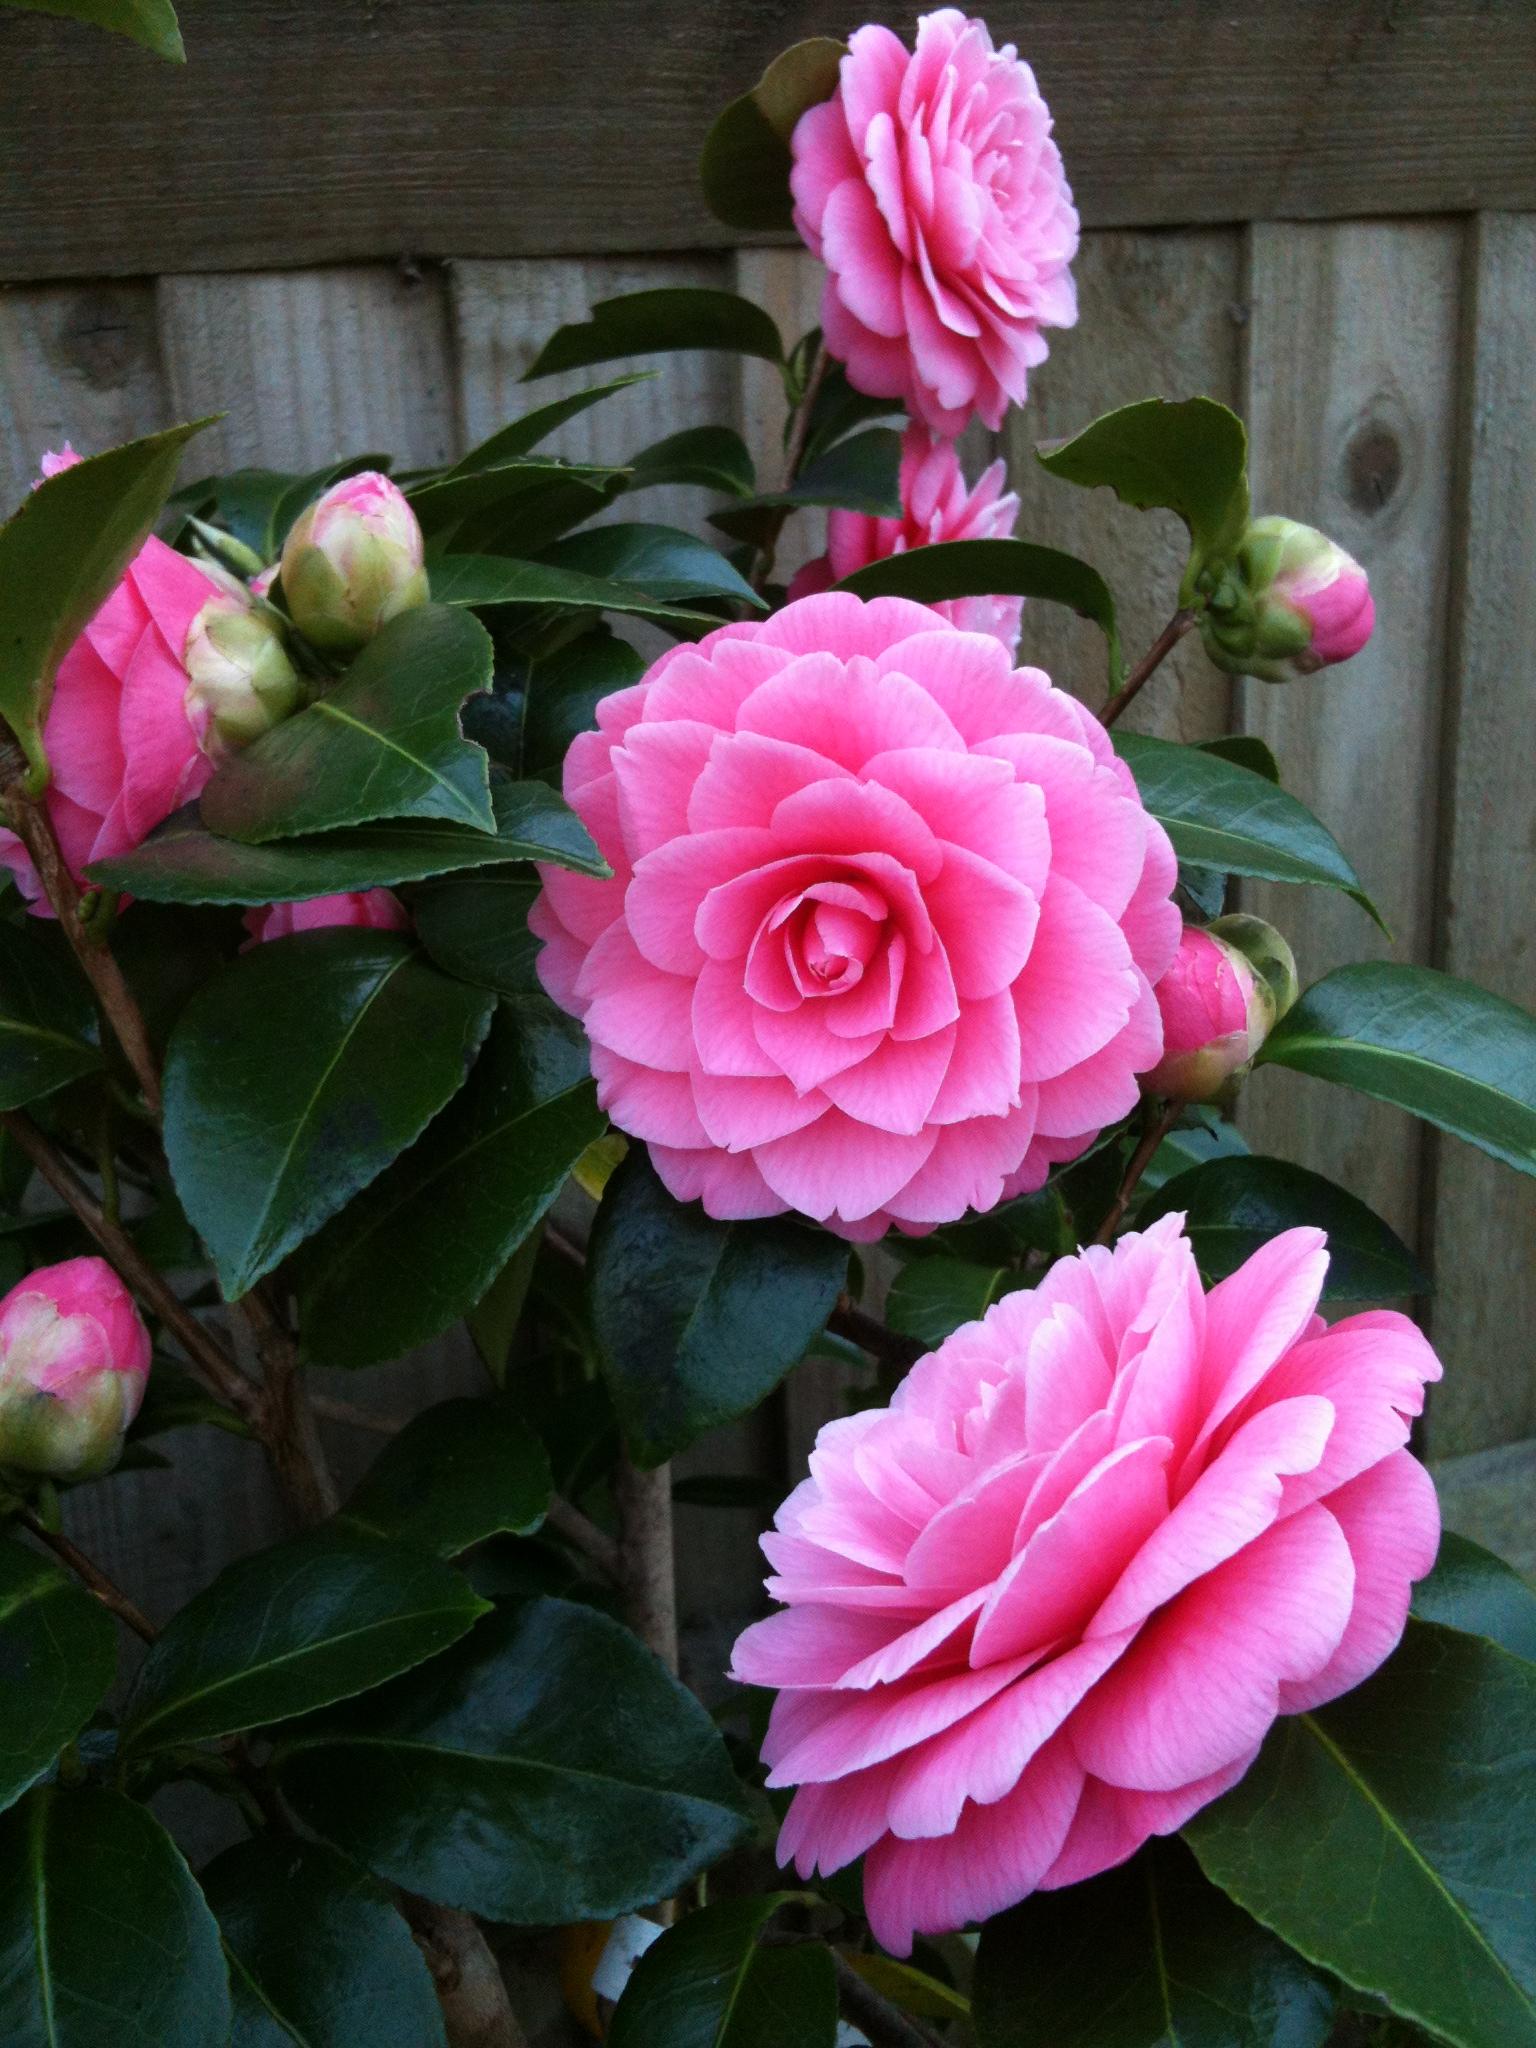 Rose2502